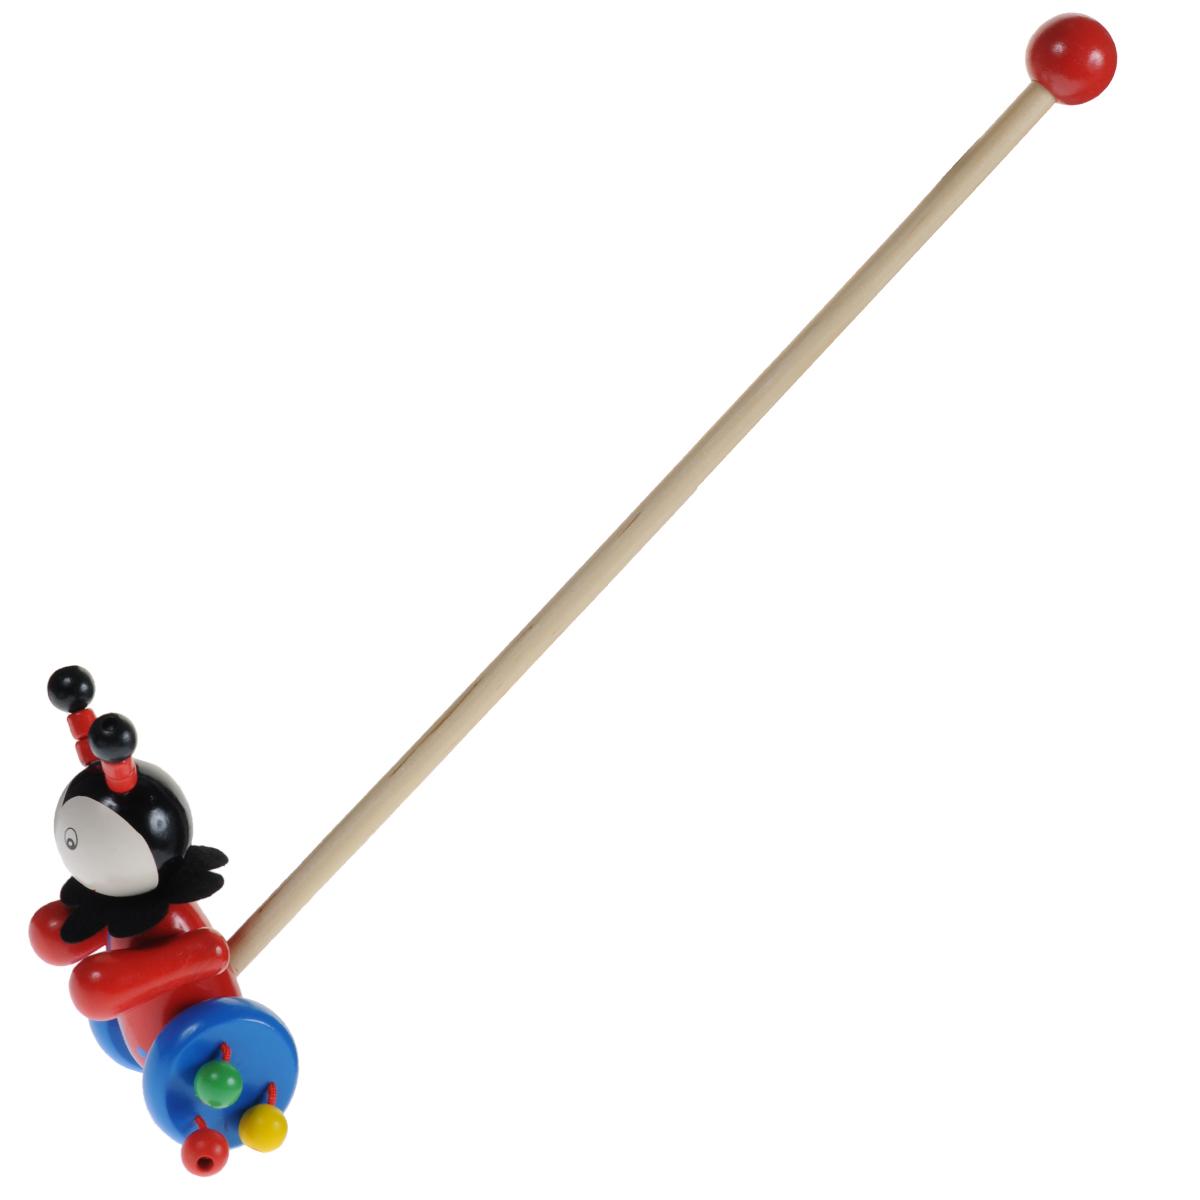 Mapacha Деревянная игрушка-каталка Божья коровка76411Яркая игрушка-каталка Mapacha Божья коровка непременно понравится вашему малышу и подойдет для игры как дома, так и на свежем воздухе. Яркая игрушка выполнена из дерева в виде божьей коровки на колесиках. Ее усики крепятся к головке эластичной резинкой. К колесикам игрушки с помощью текстильных шнурочков крепятся разноцветные деревянные шарики, которые гремят во время движения. Ручку-держатель можно открутить и играть только с игрушкой. В целях безопасности ручка дополнена круглым набалдашником. Игрушка-каталка Mapacha Божья коровка способствует физическому развитию малыша - помогает сделать первые шаги и освоить навыки ходьбы. Развивает координацию движений и способность ориентироваться в пространстве.